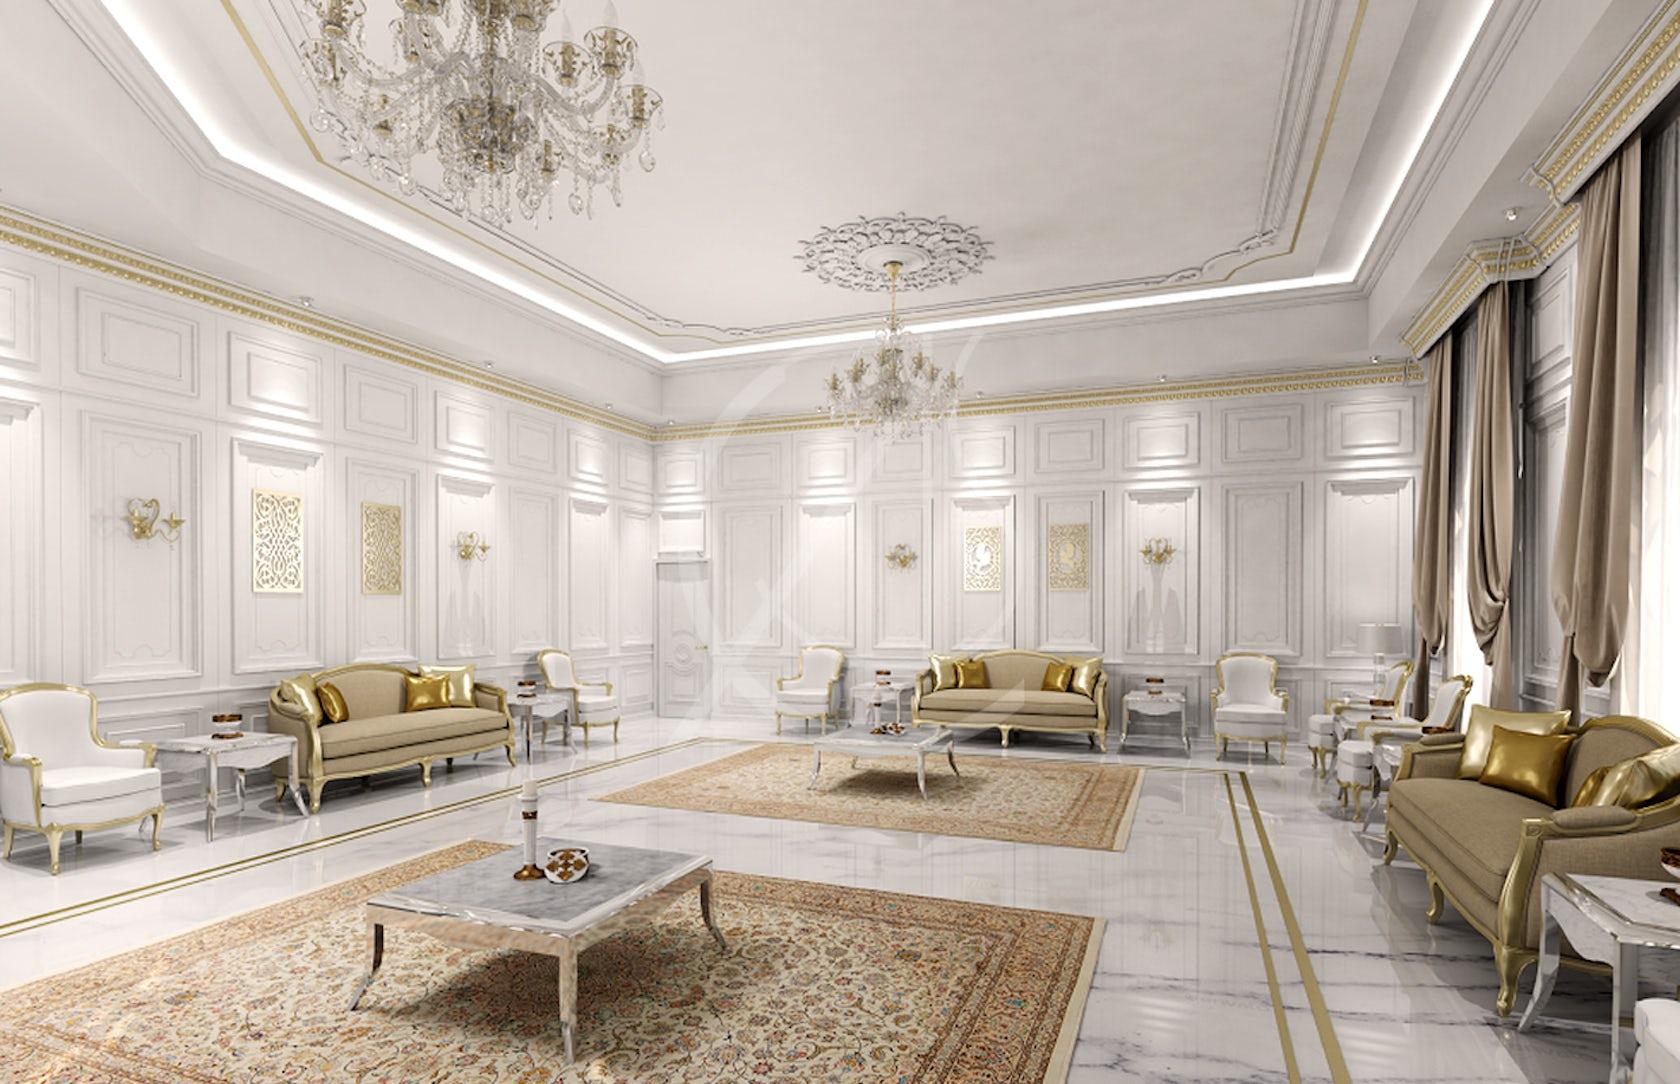 Classic Luxury Villa Interior Design By Comelite Architecture Structure And Interior Design Architizer